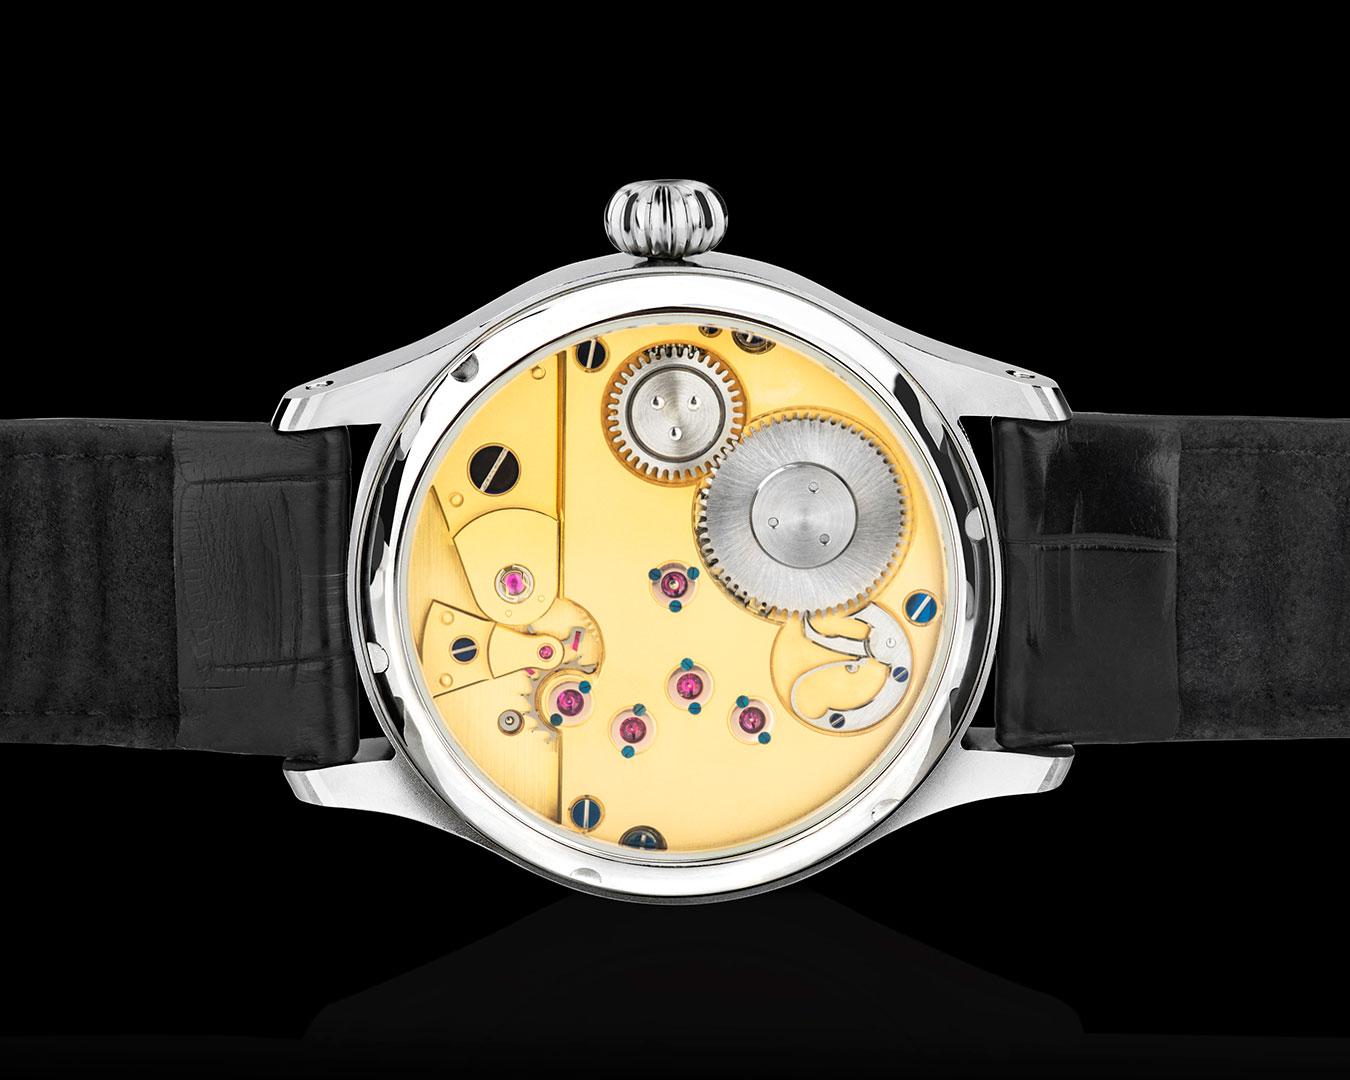 Garrick S1 watch 1